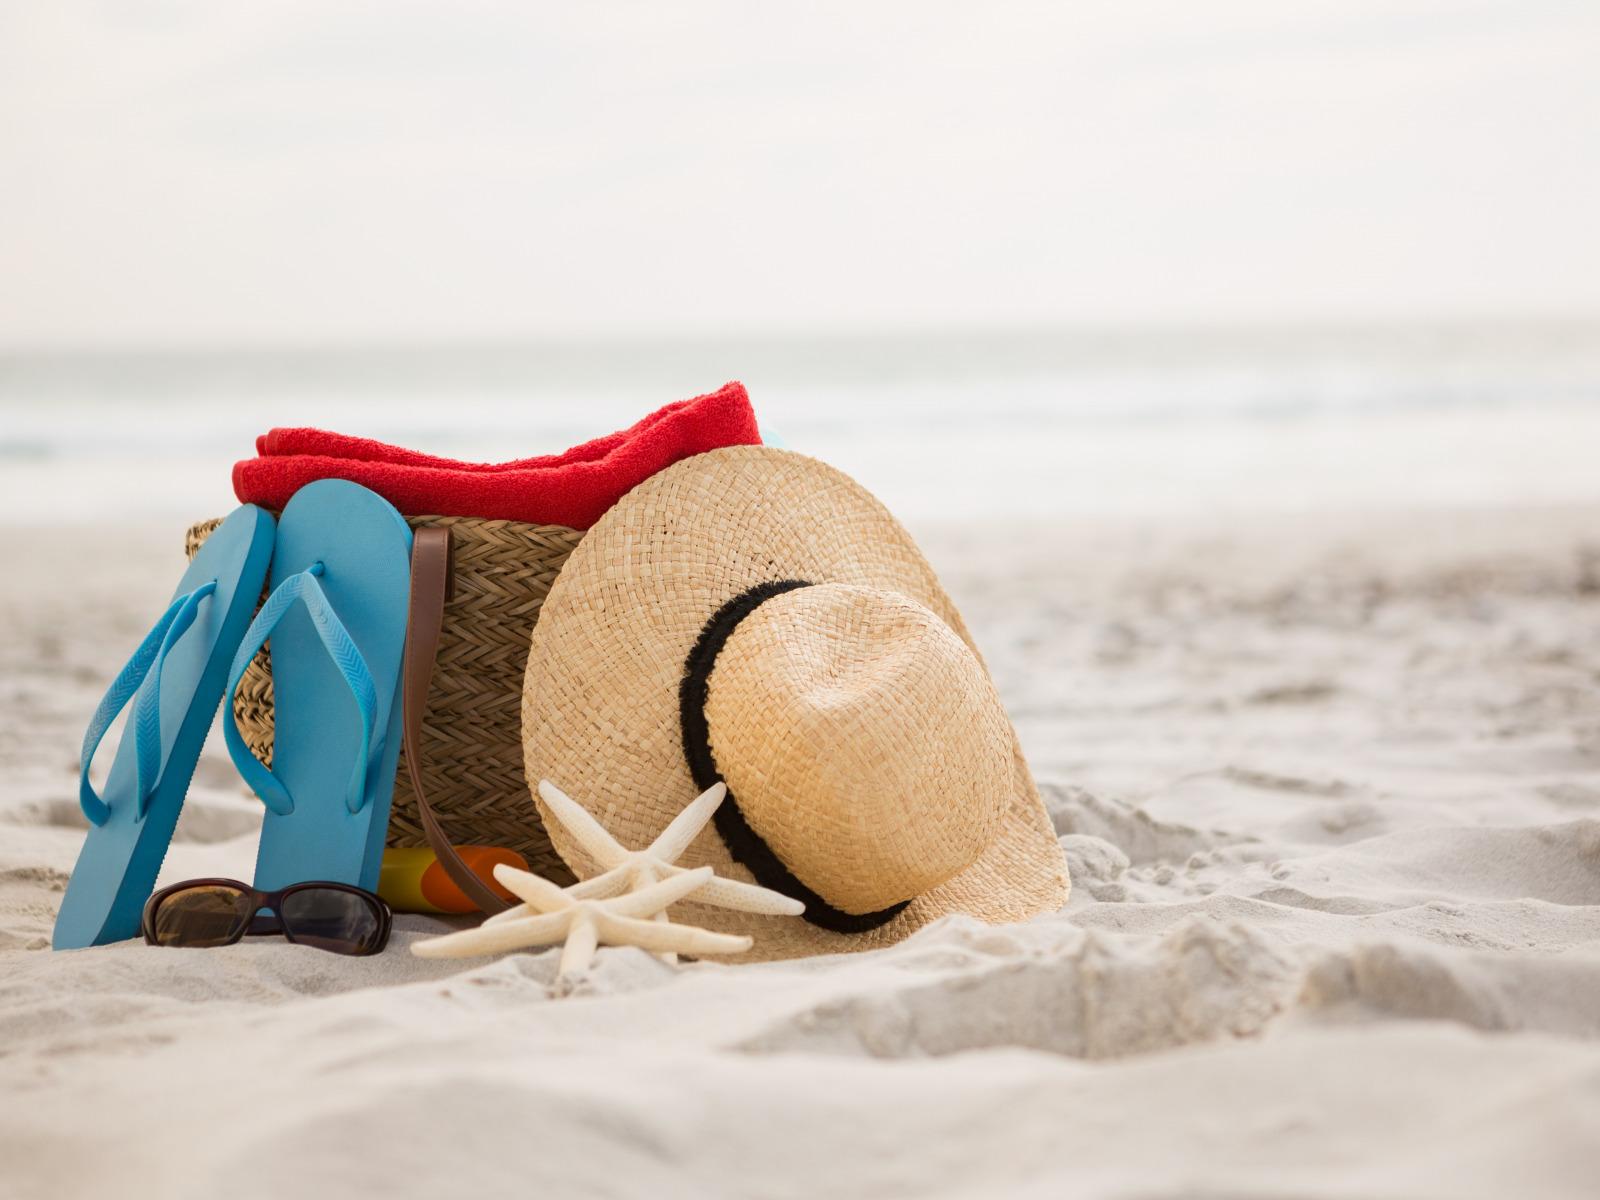 Картинки об отпуске смешные на рабочий стол